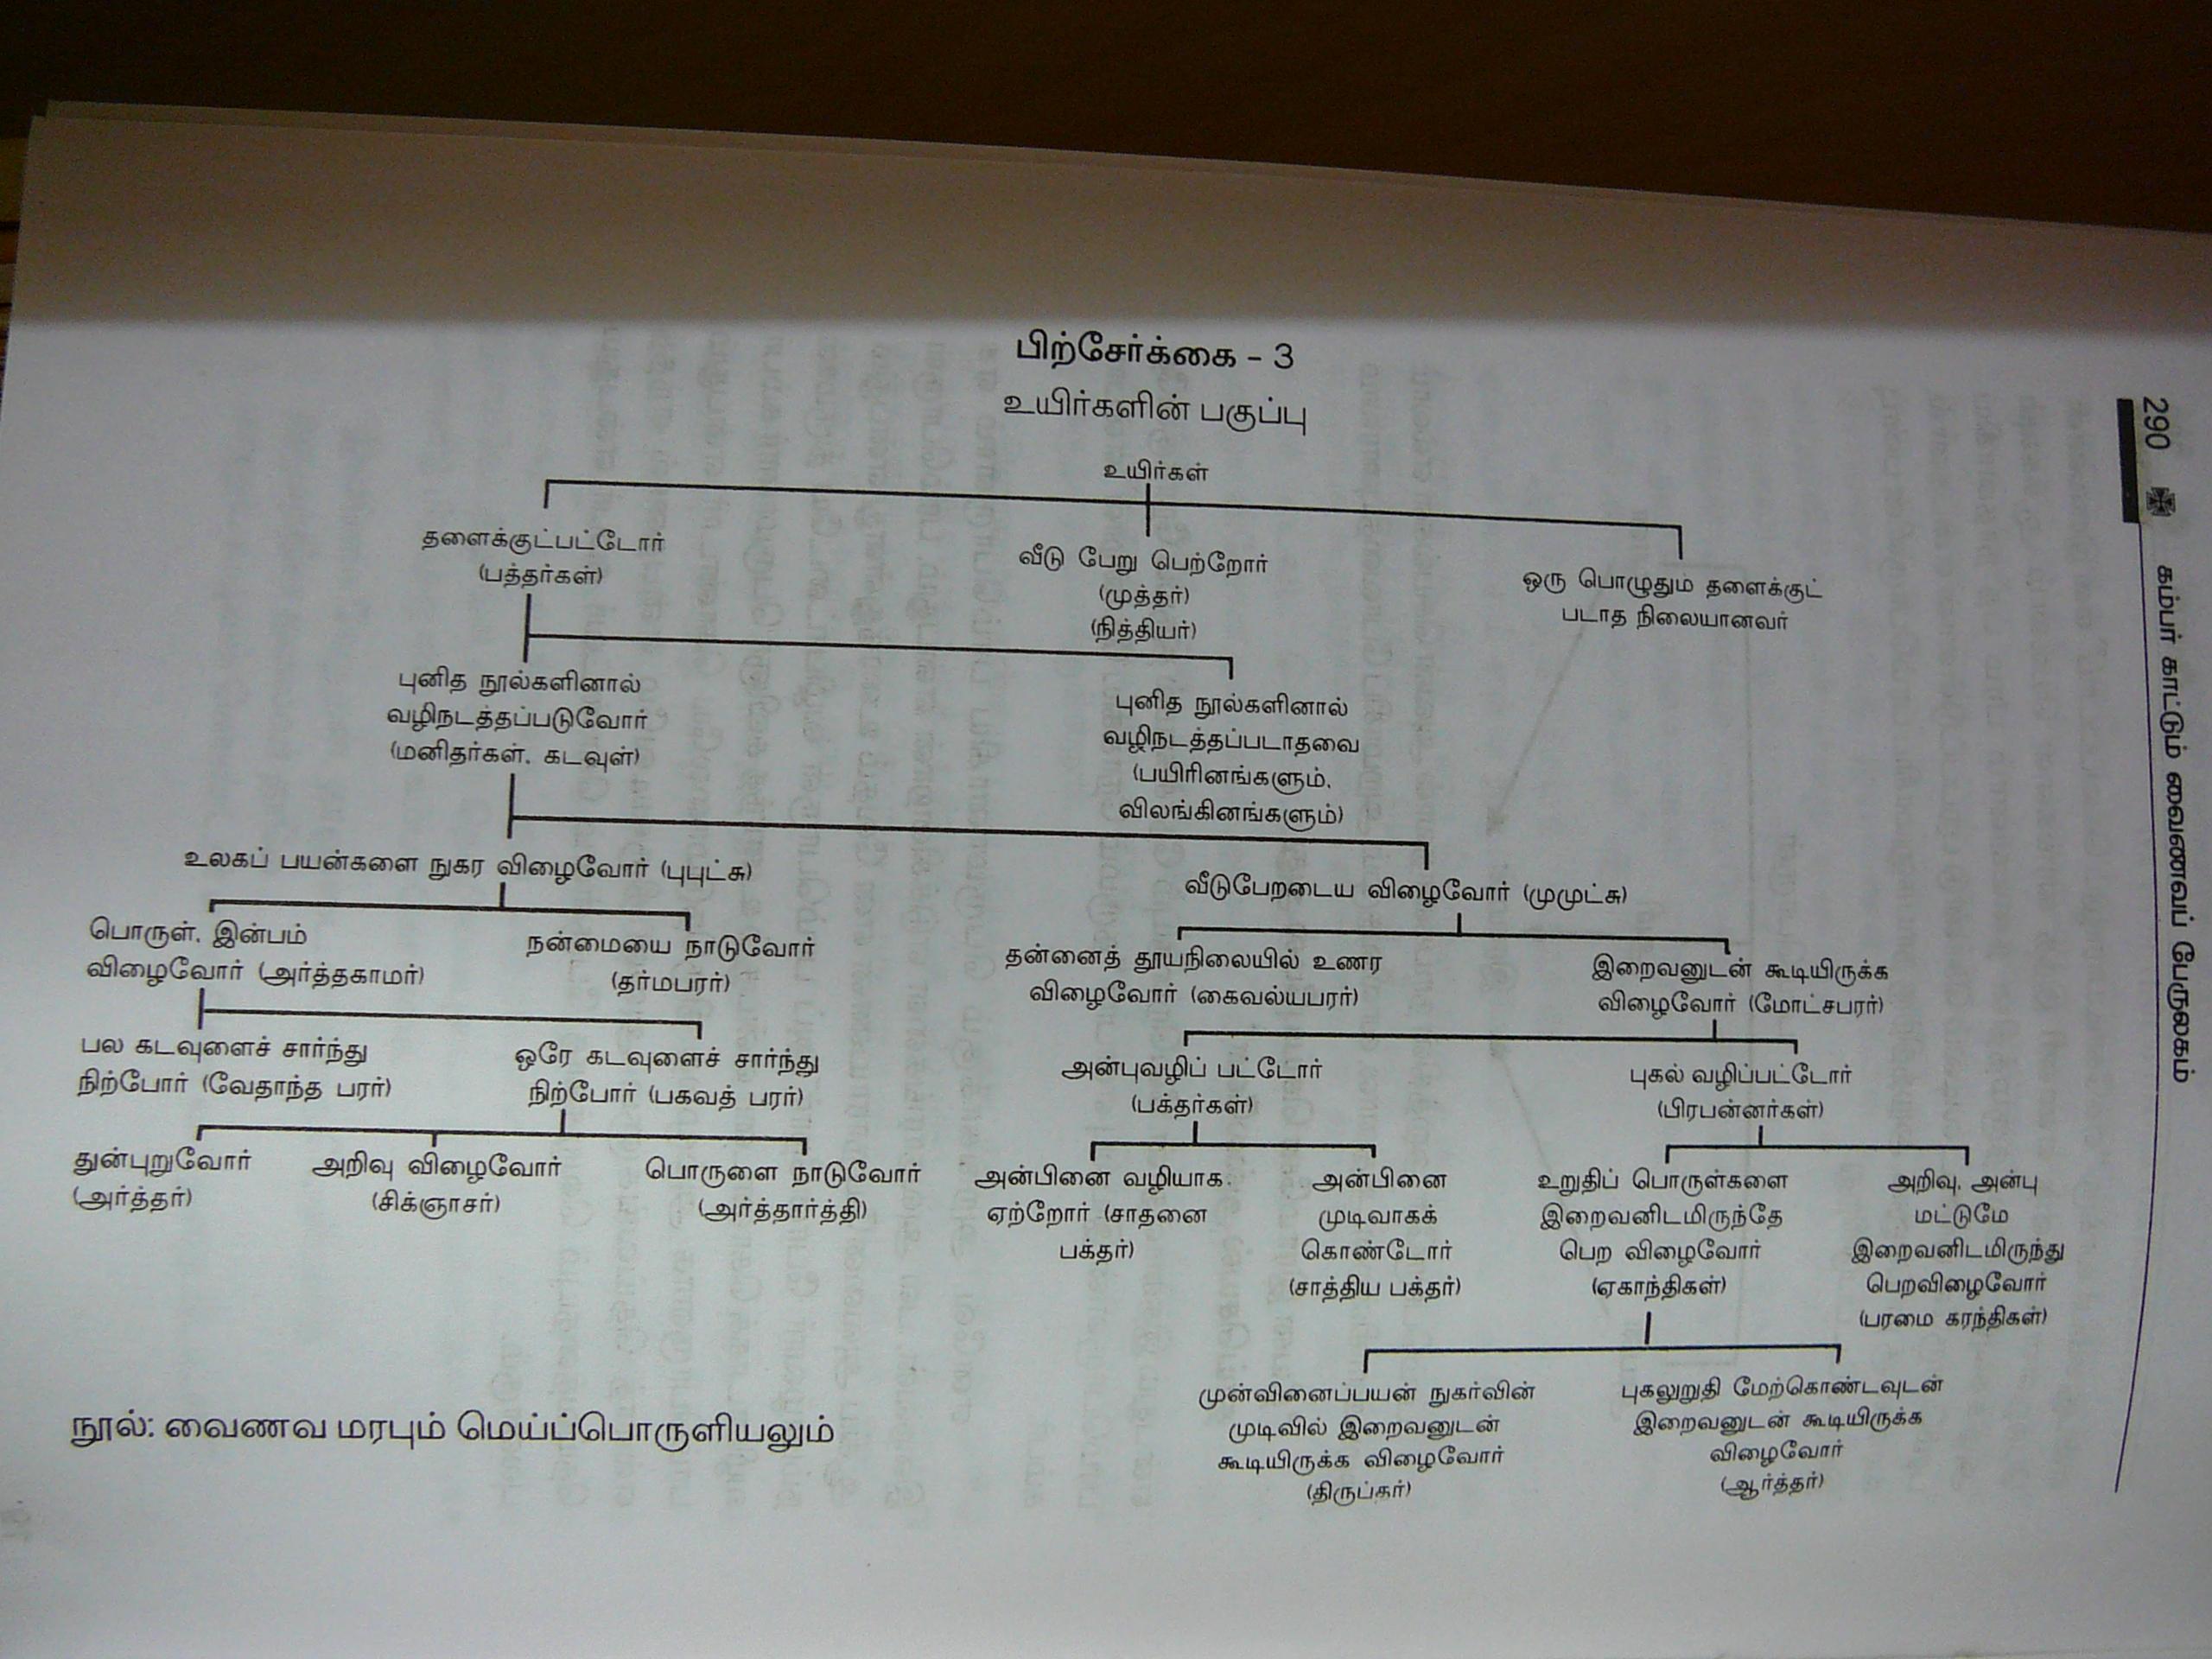 உயிகளின் பகுப்பு: வைணவ மரபும் மெய்ப்பொருளியலும்: கம்பன் காட்டும் வைணவப் பேருலகம்